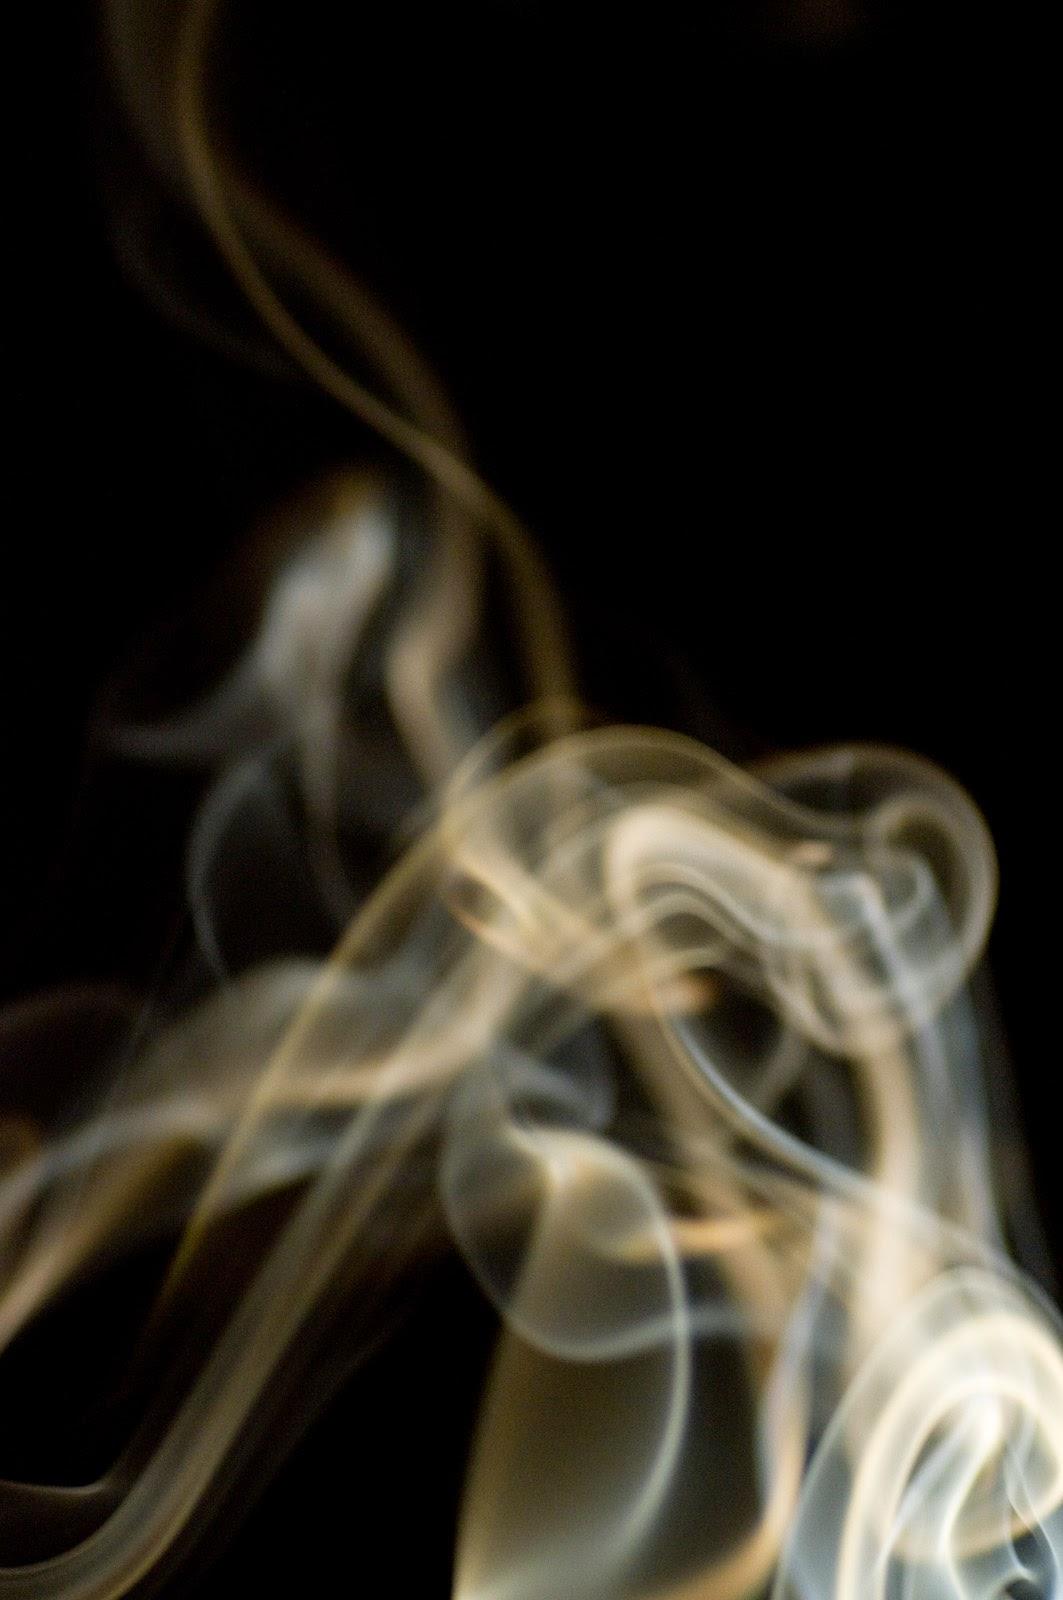 煙草の煙の画像